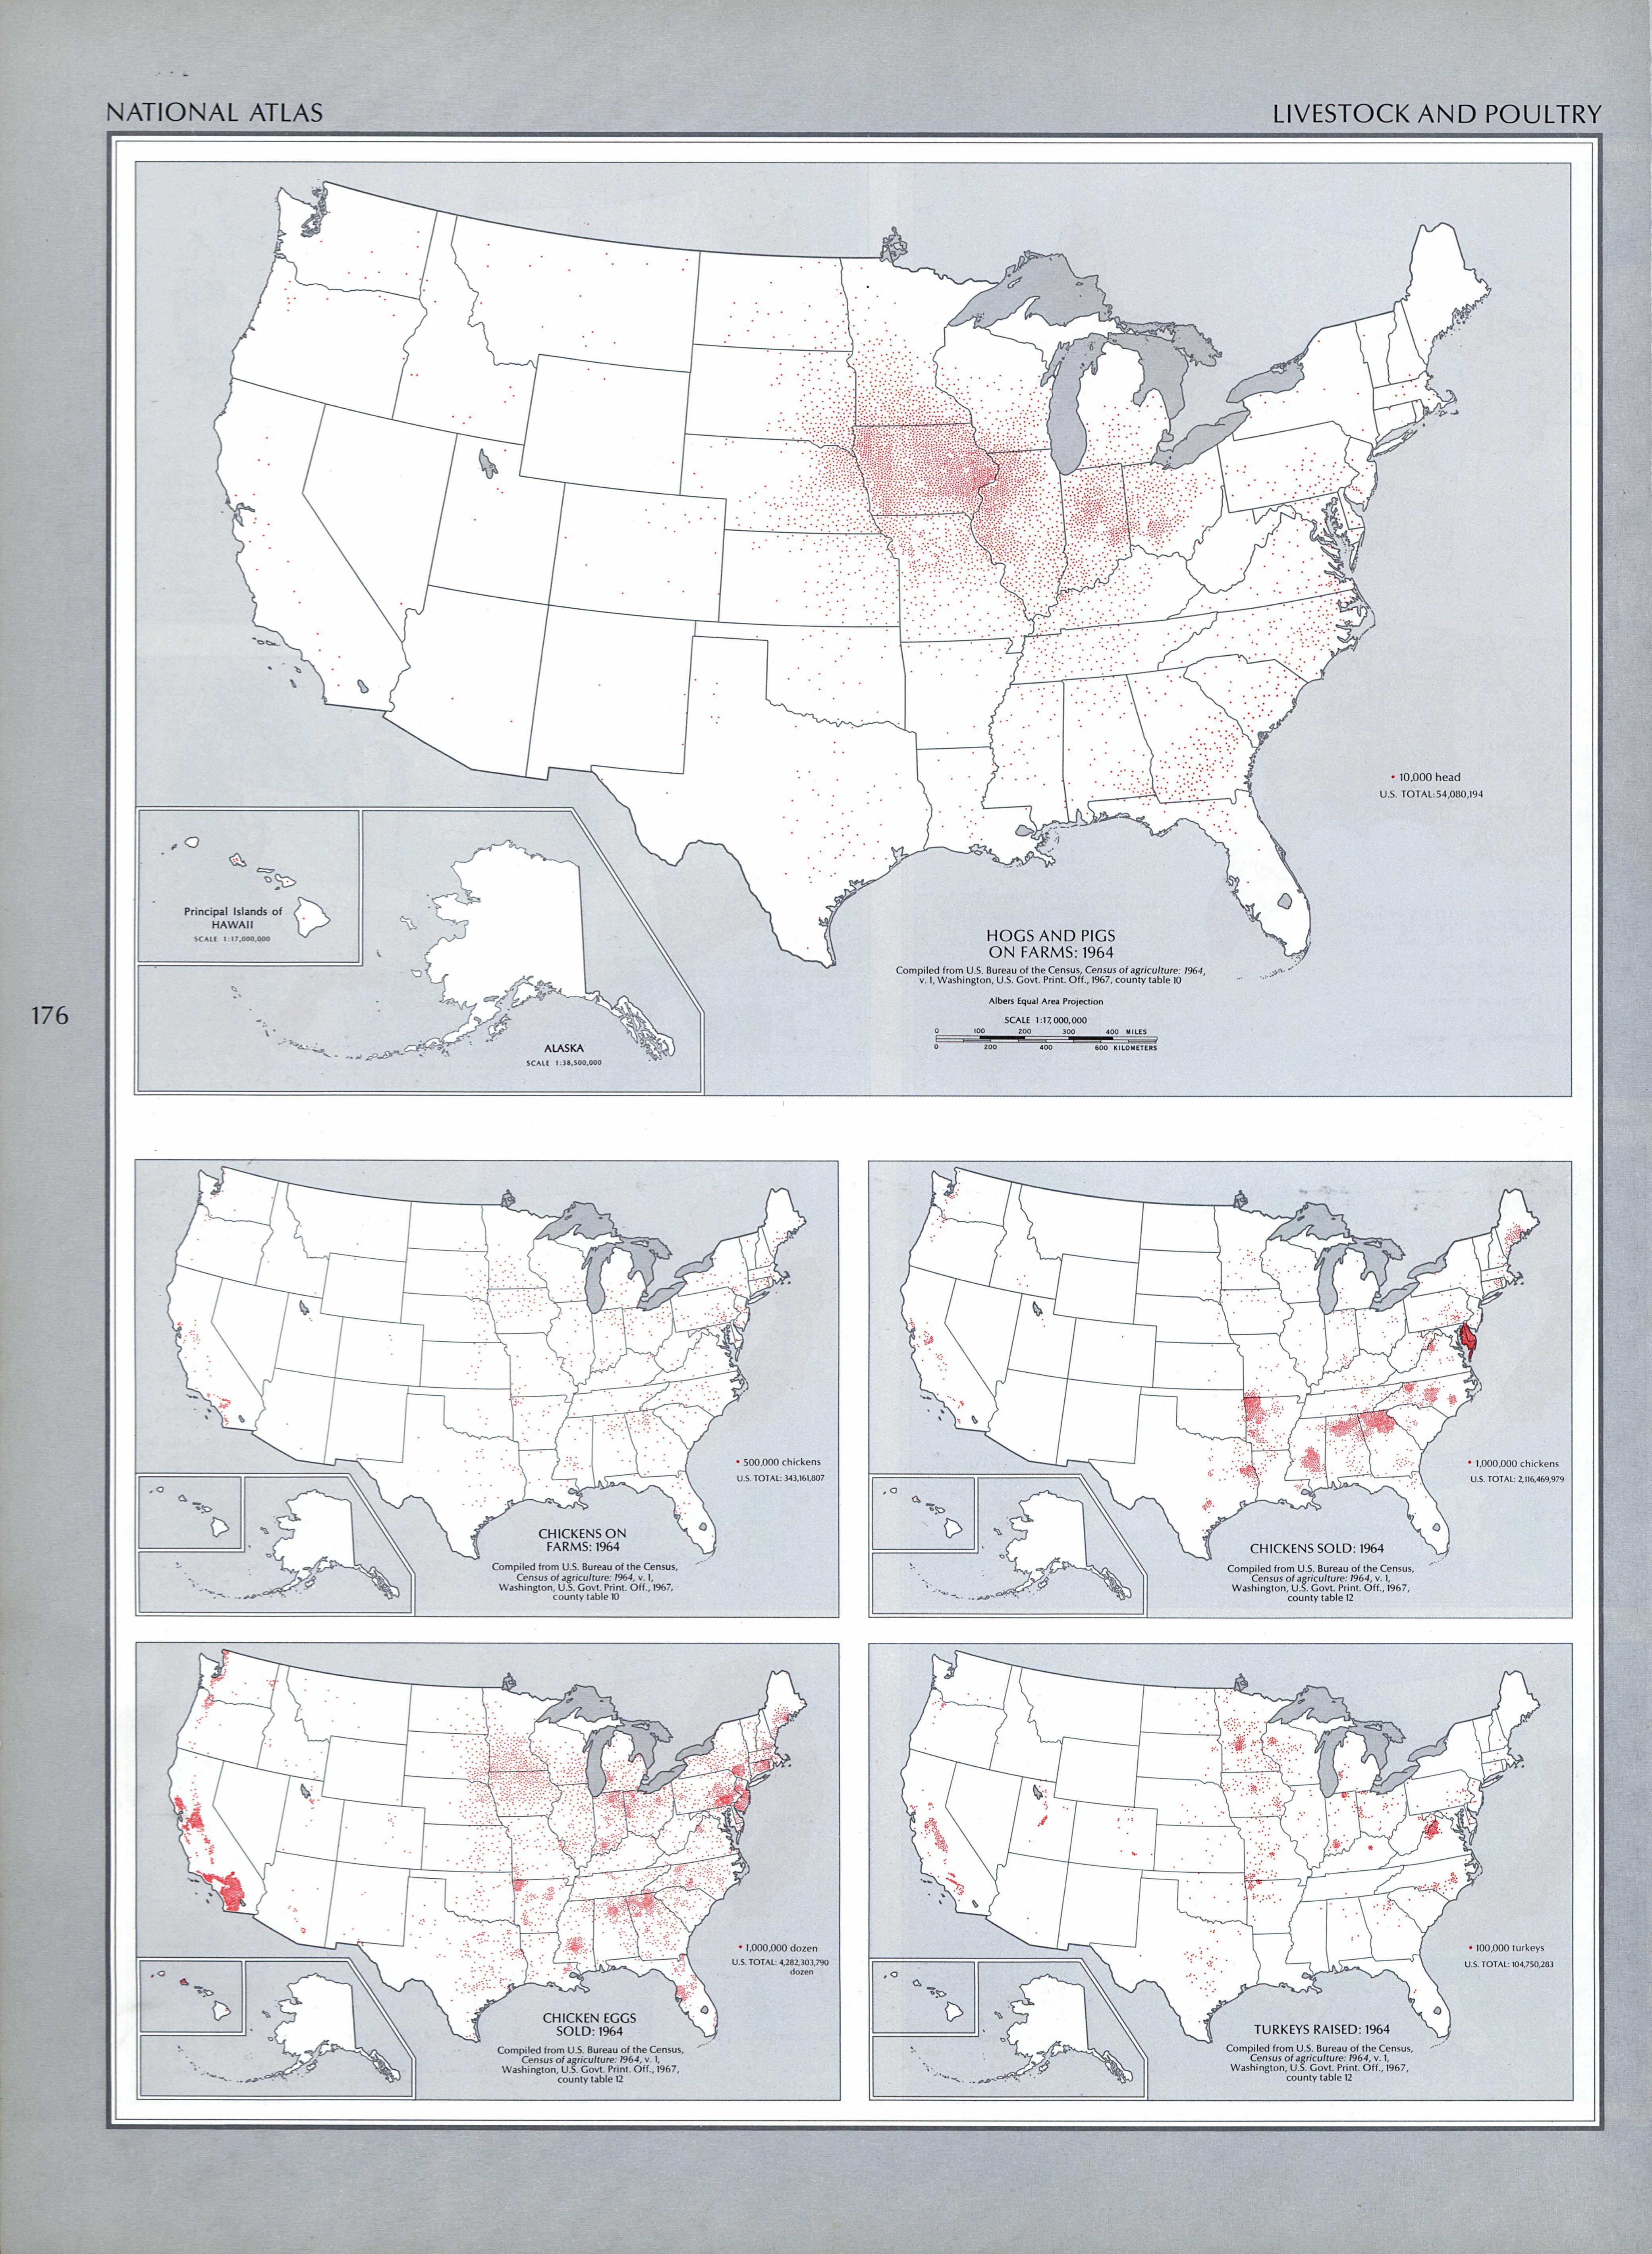 Mapa de la Ganadería y de la Producción Avícola en Estados Unidos